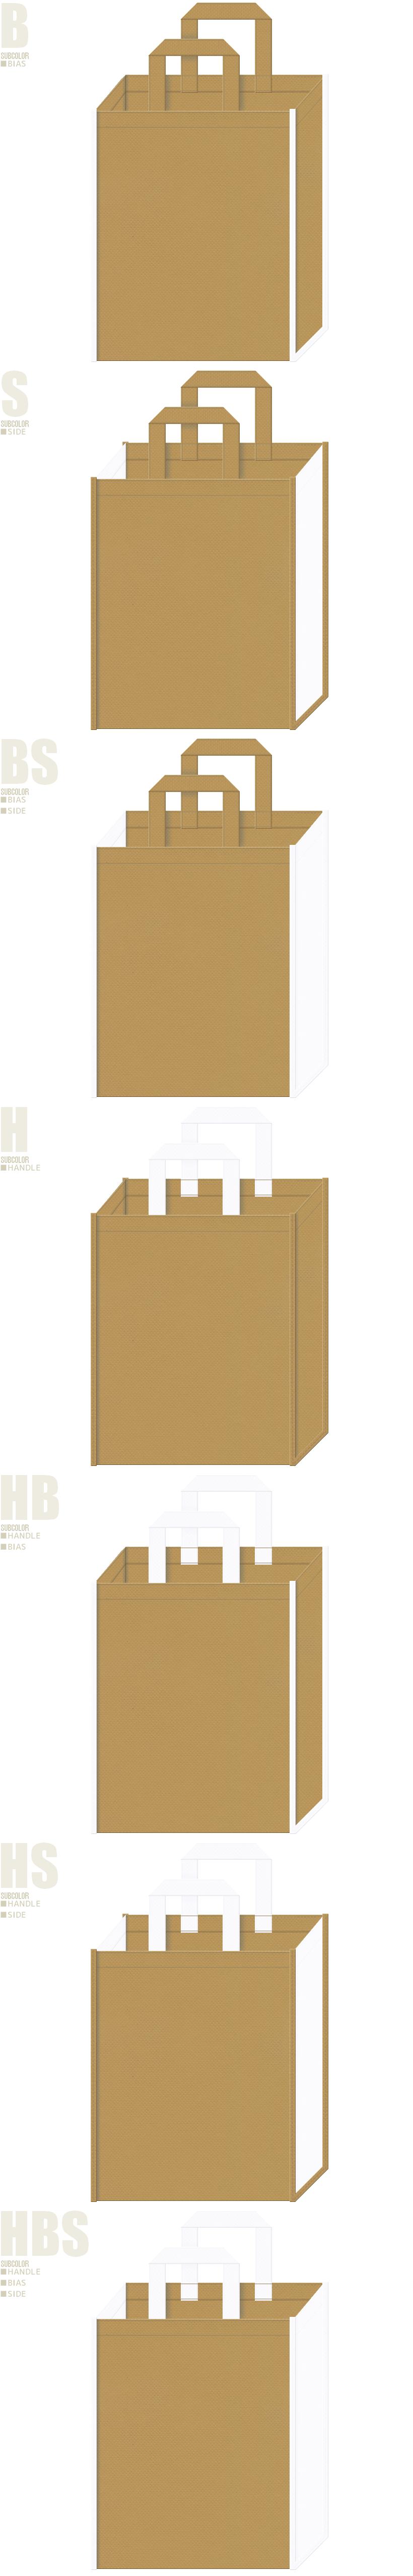 金色系黄土色と白色、7パターンの不織布トートバッグ配色デザイン例。